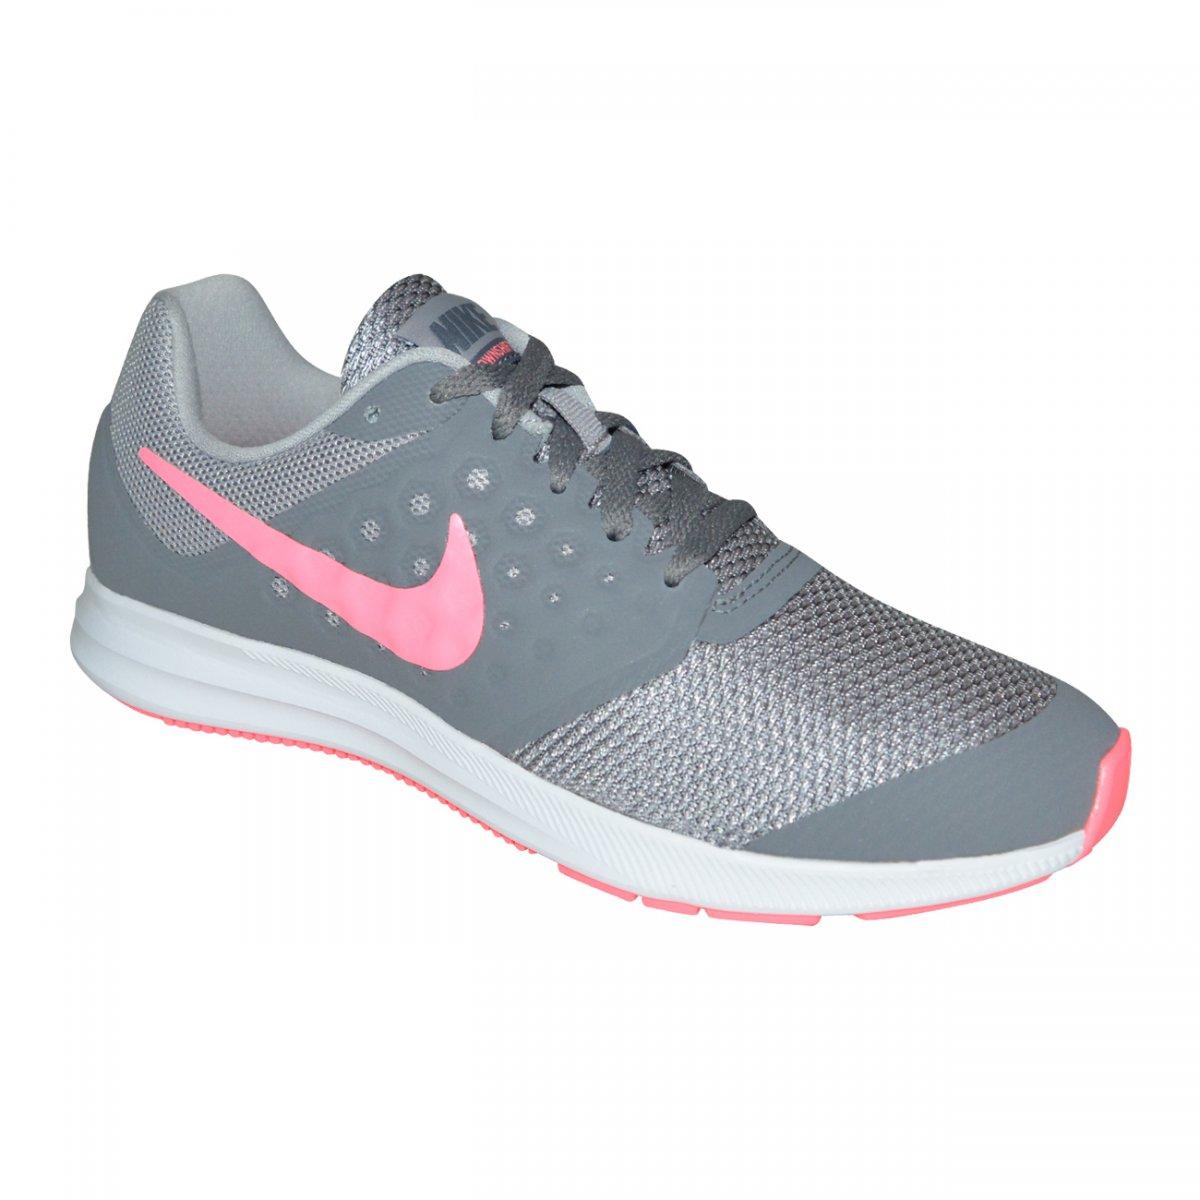 de6c6cf6f98 Tenis Nike Downshifter 7 Juvenil 869972 003 - Chumbo pink - Chuteira Nike